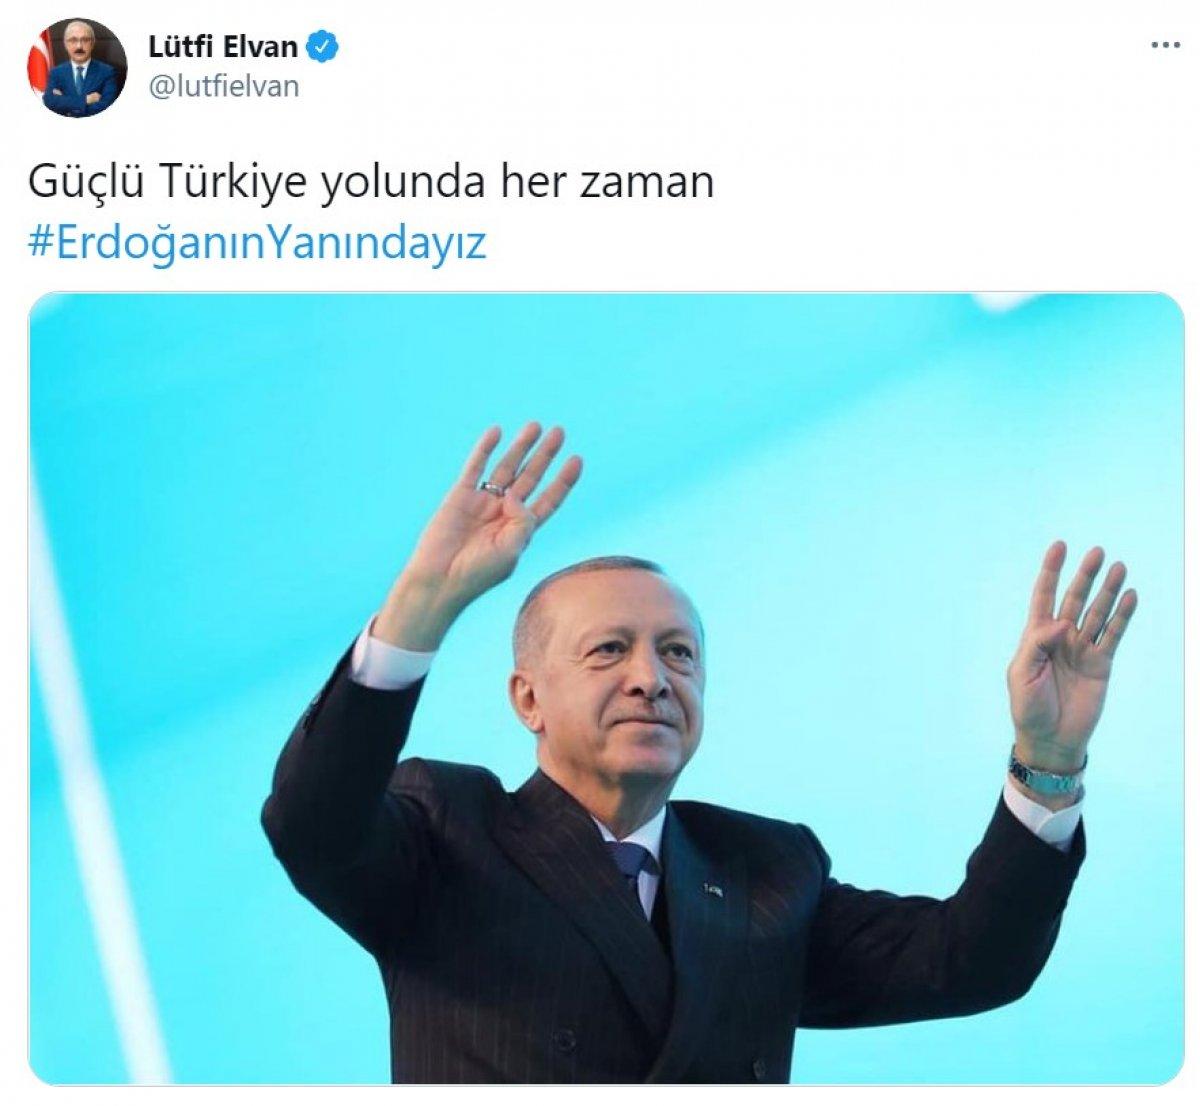 Cumhurbaşkanı Erdoğan a destek tweet leri 2 milyonu aştı #3